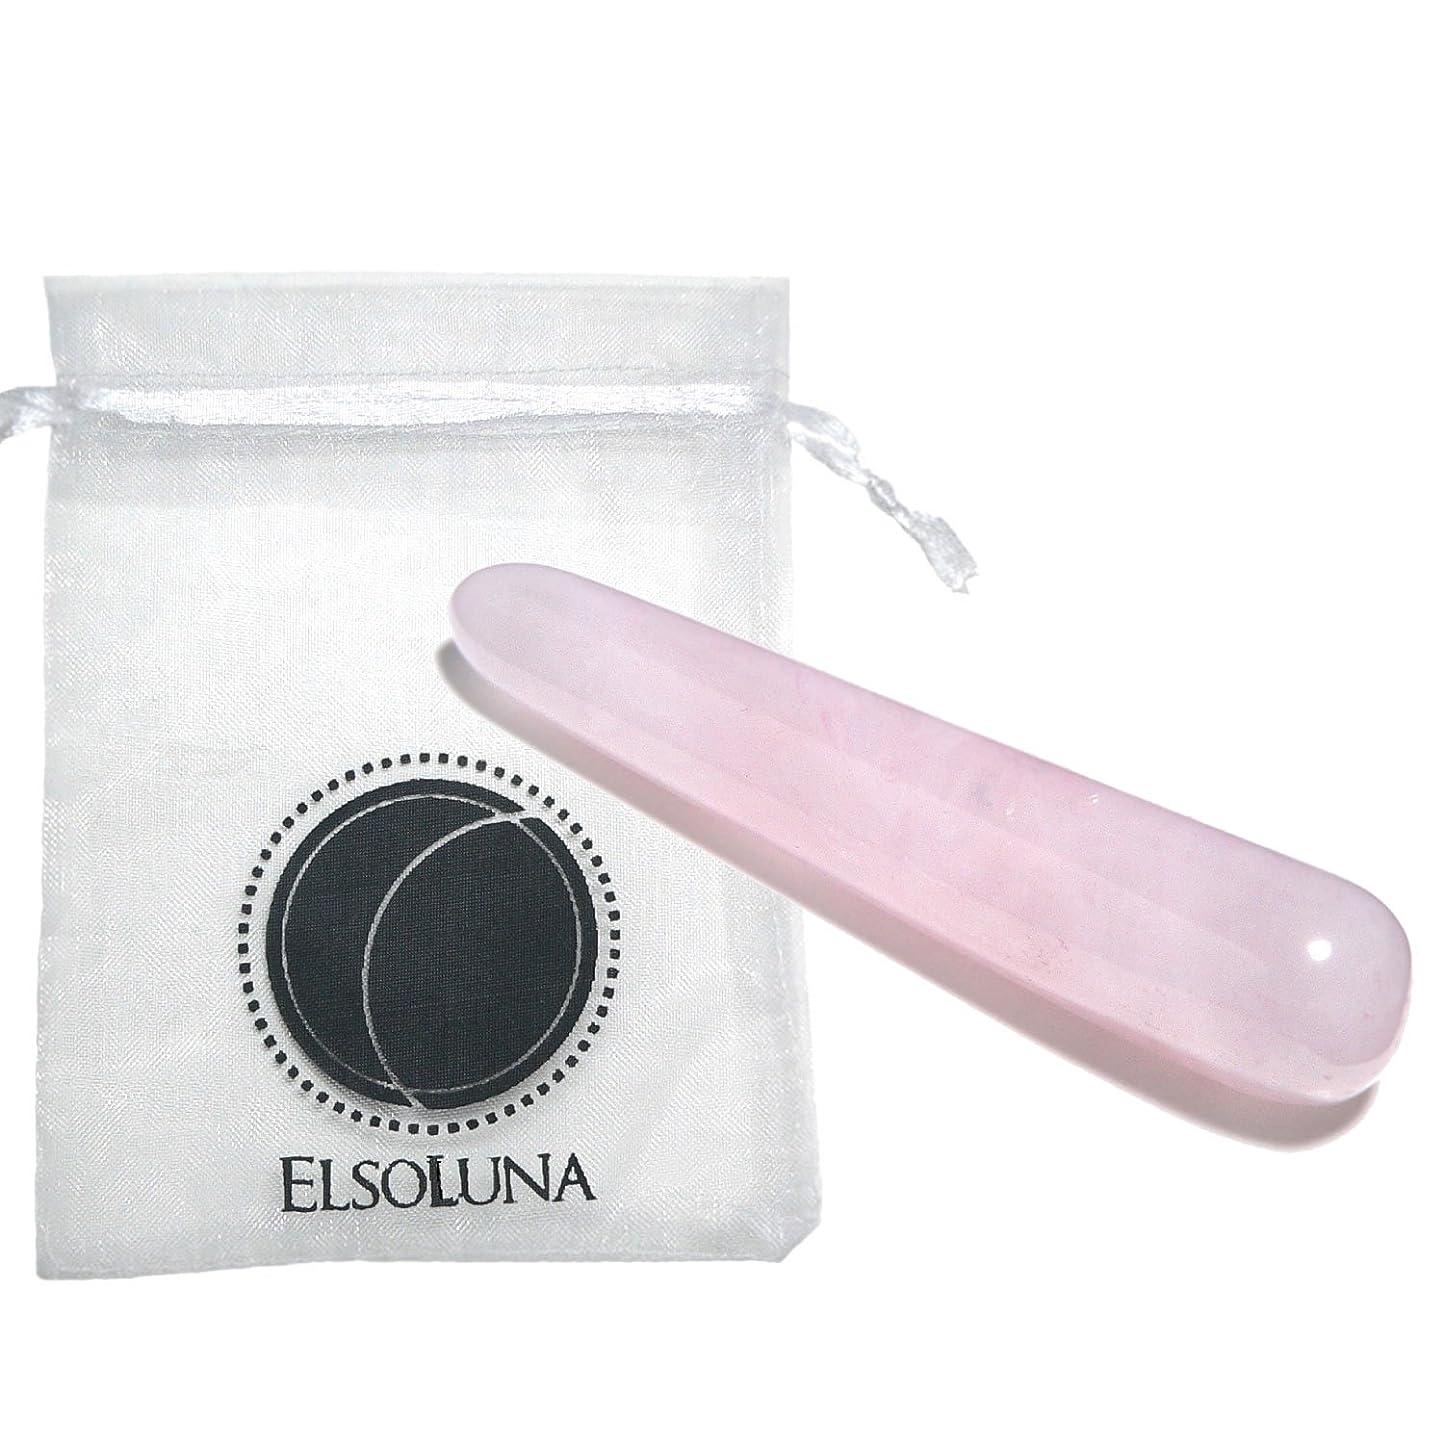 鉛筆かわいらしい代理人Elsoluna(エルソルーナ) かっさプレート かっさマッサージ 美顔 天然石 パワーストーン (アウトレット ローズクォーツ スティック型, ピンク)